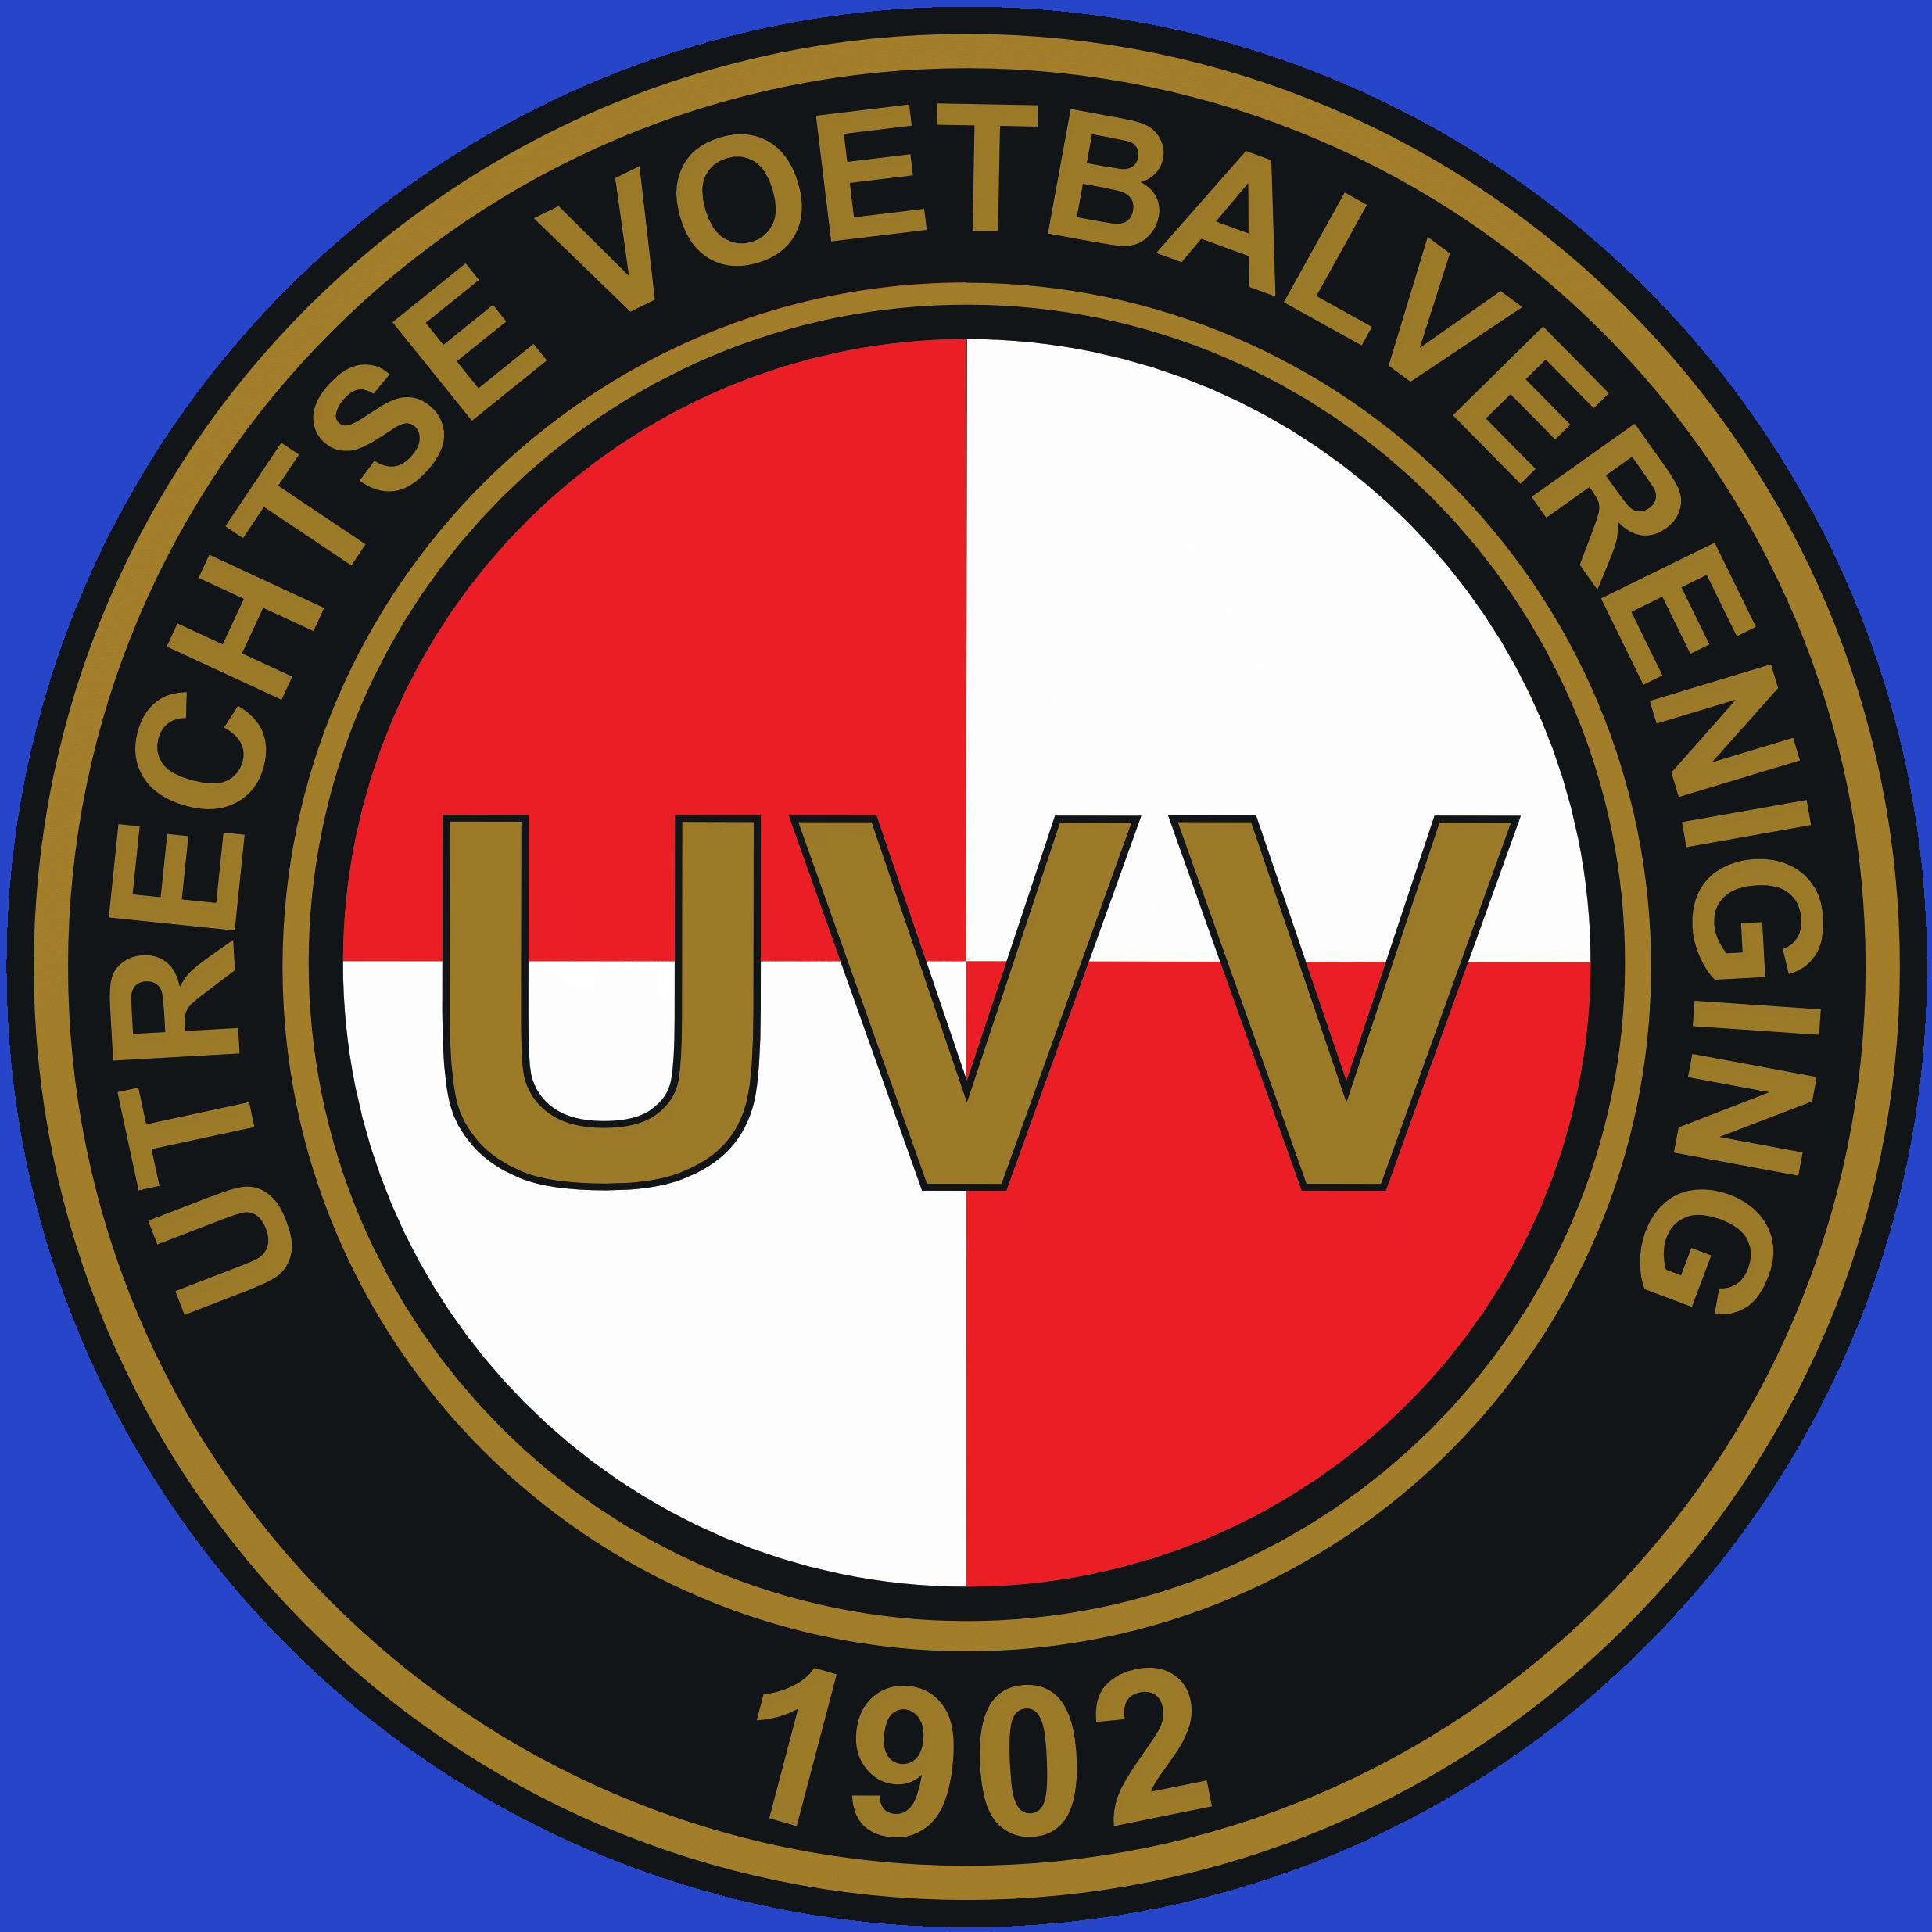 Uitnodiging Algemene Ledenvergadering UVV Voetbal Dinsdag 29 juni 2021 AANVANG 18.00 uur